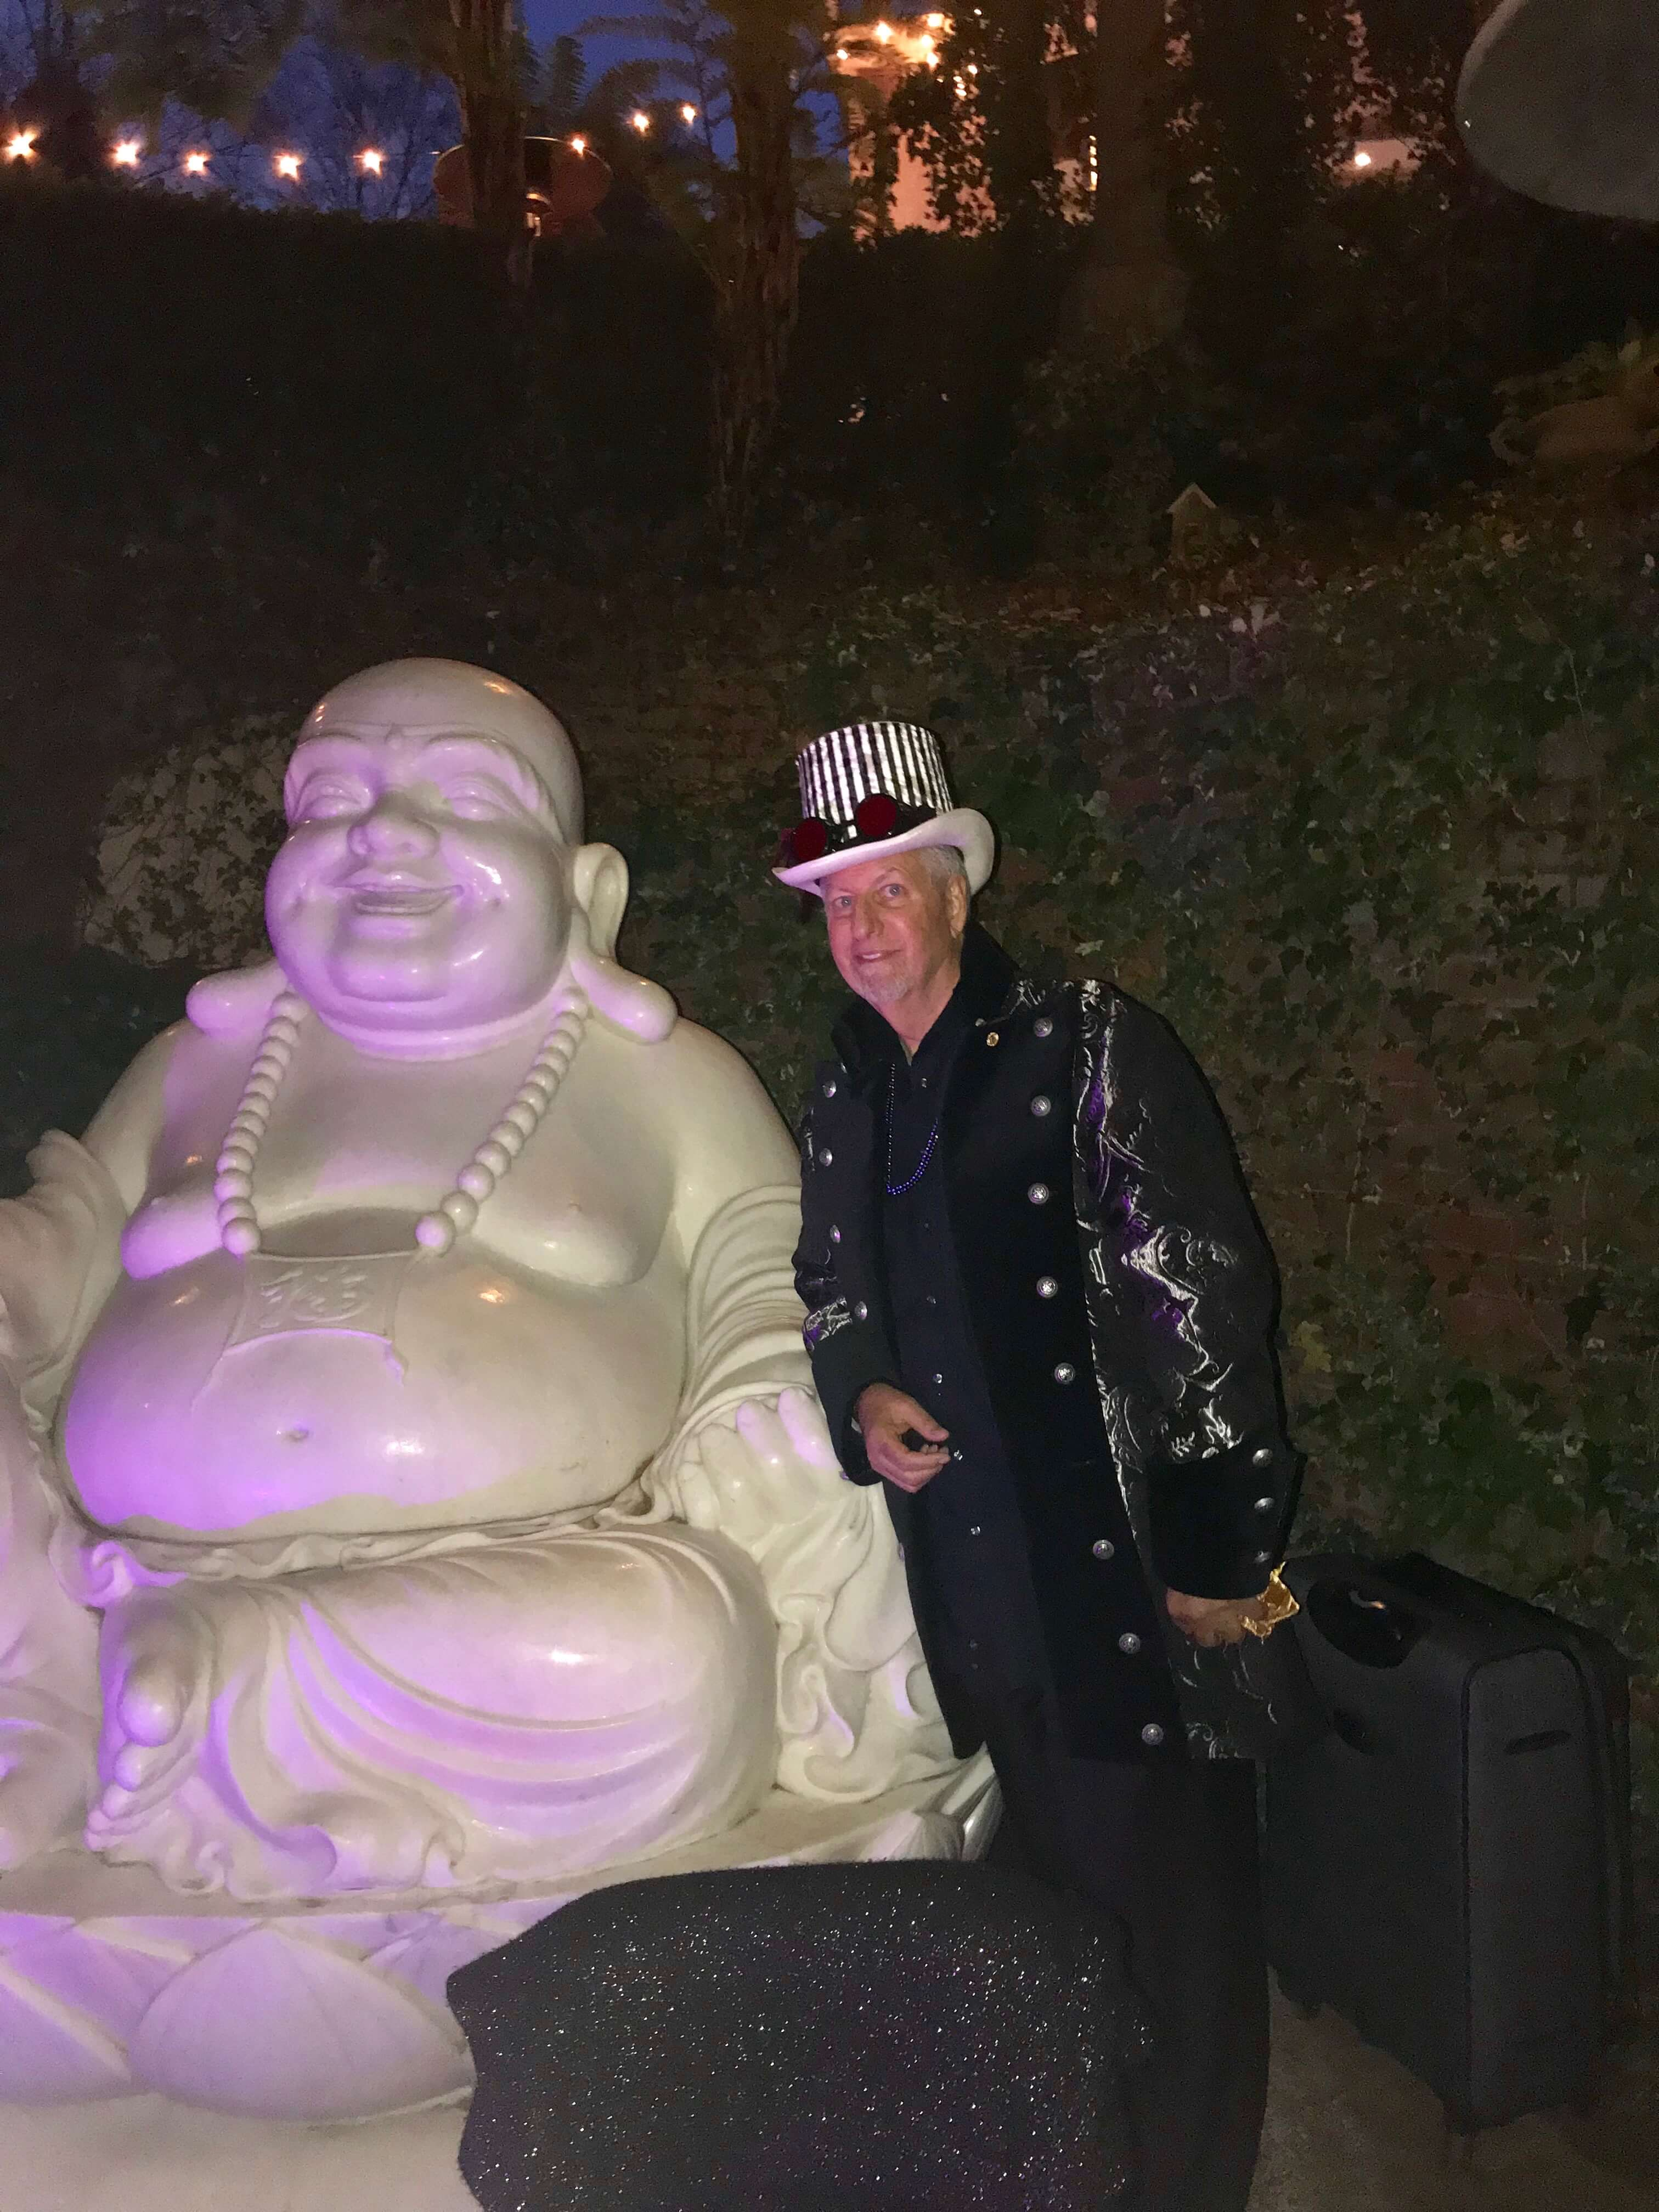 magician posing beside a fat laughing buddha statue